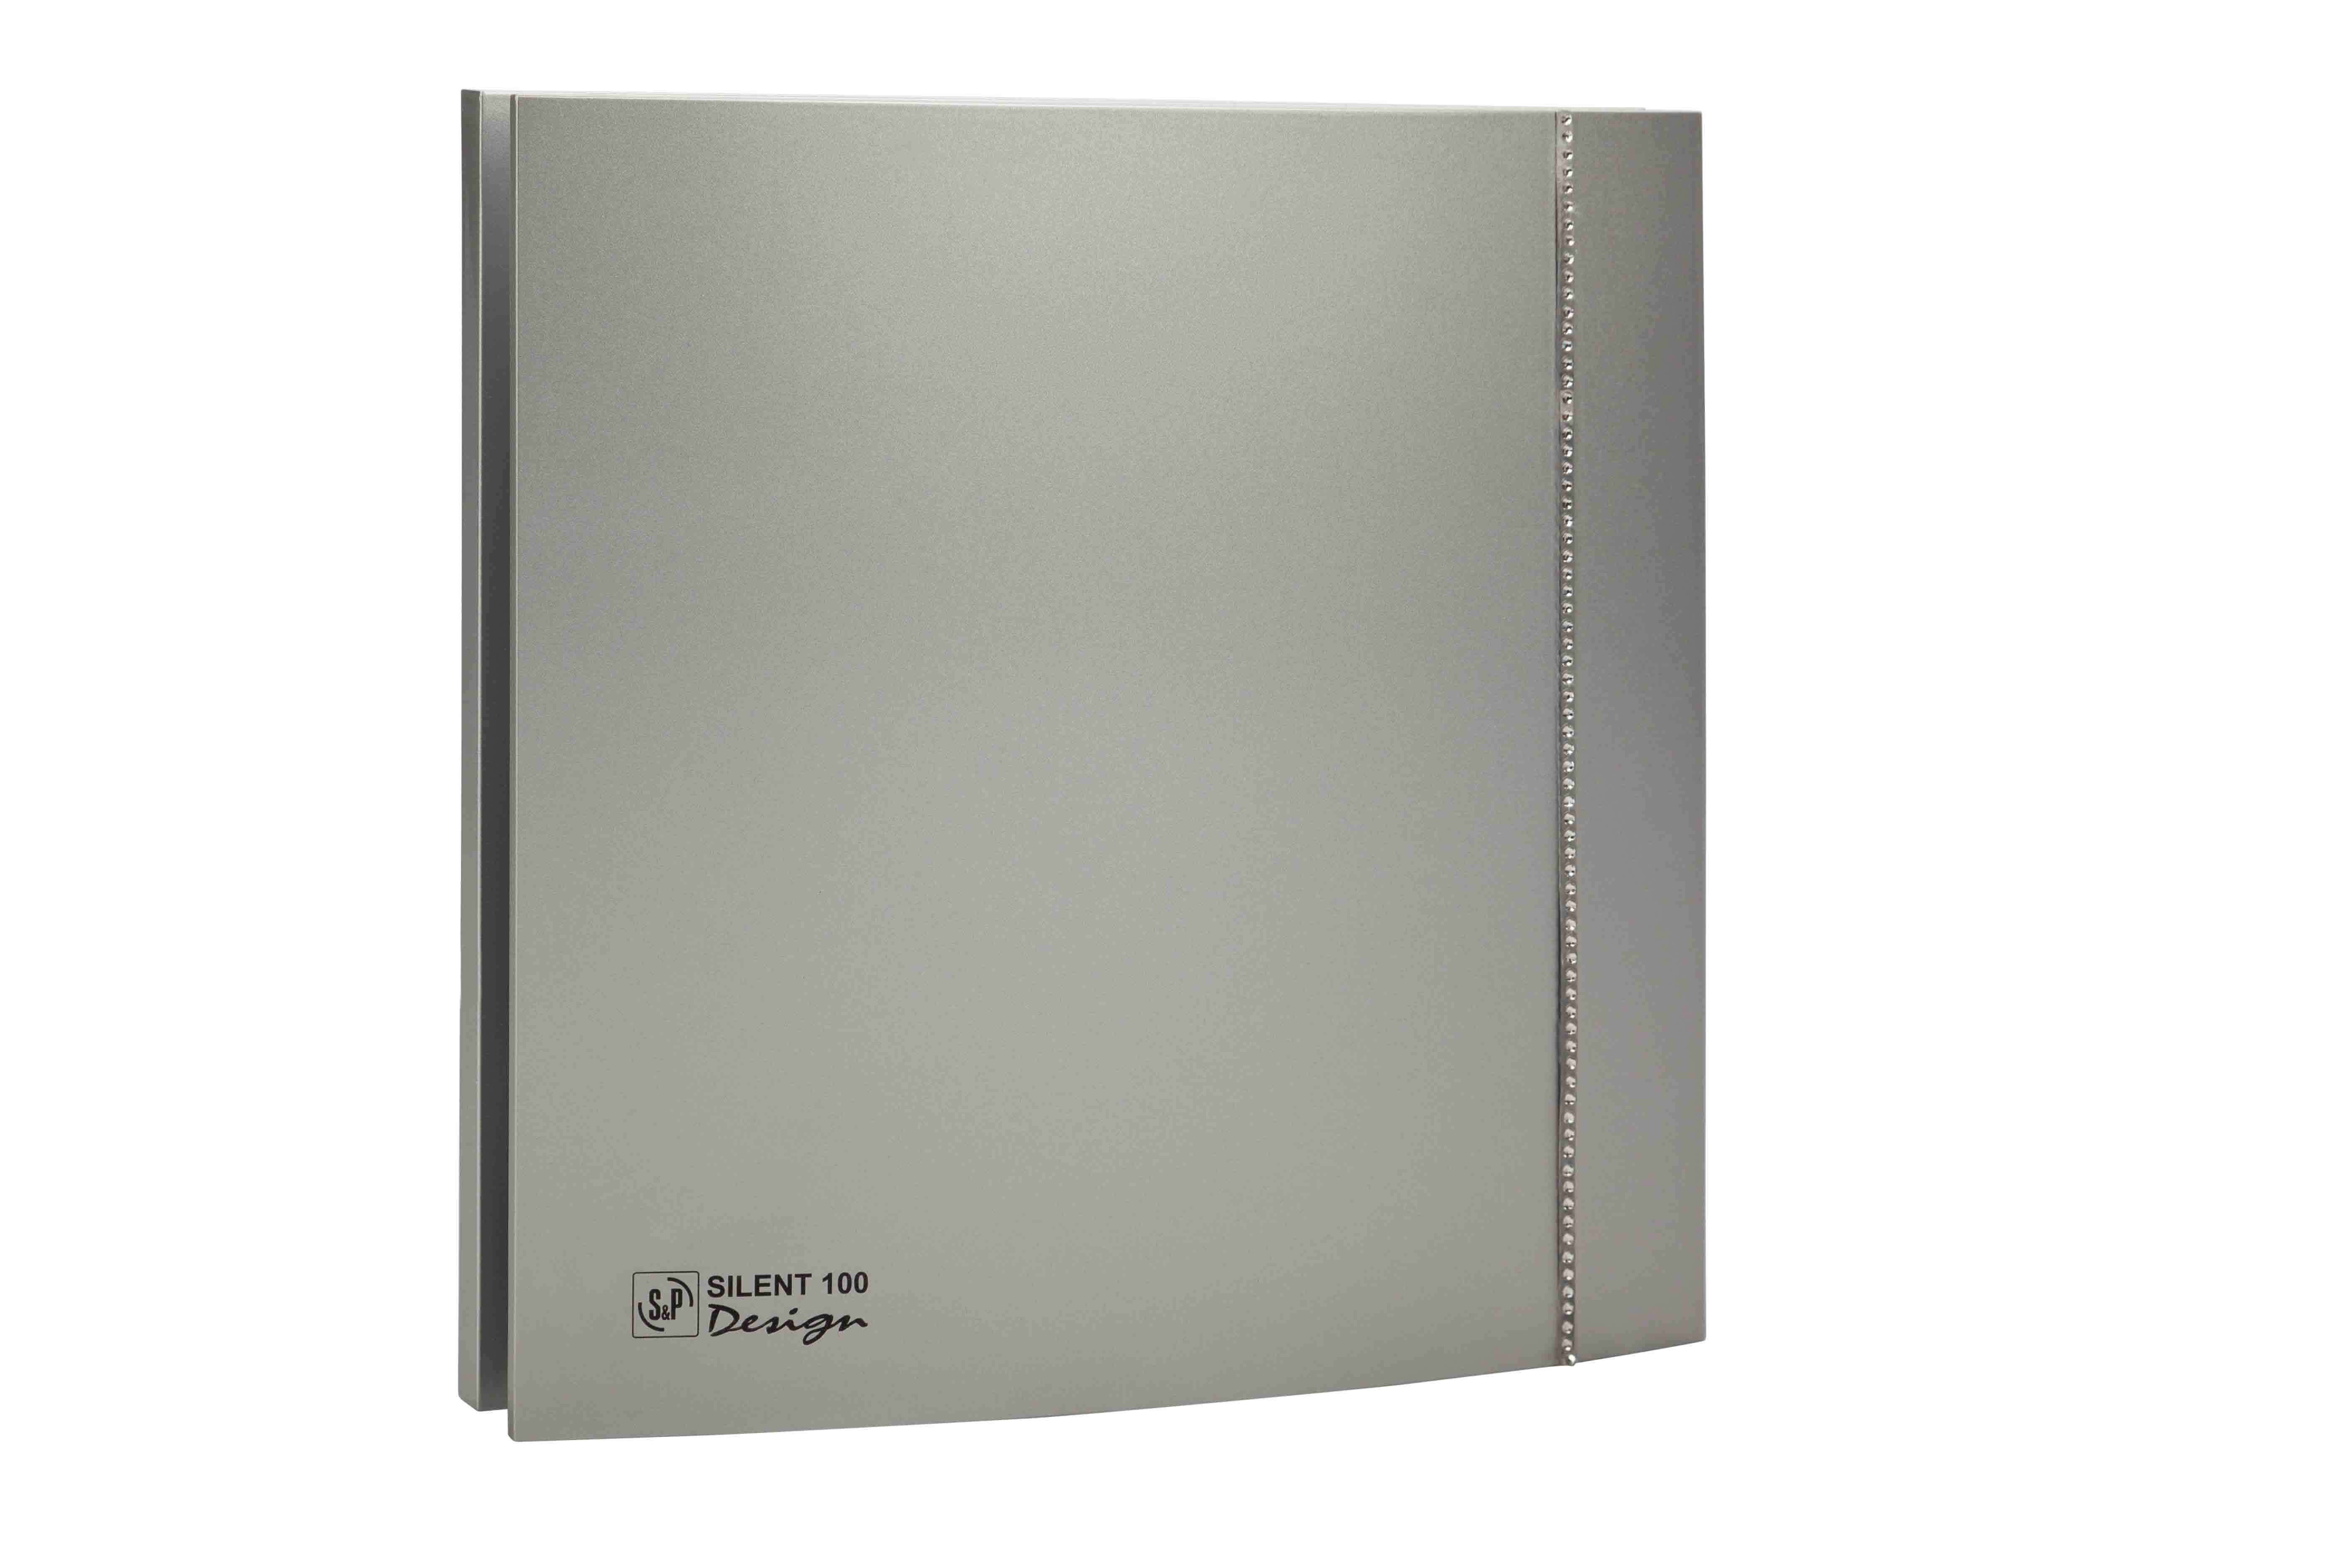 SILENT 100 CZ SILVER DESIGN SW UNELVENT AERATEURS DESIGN 100 403489